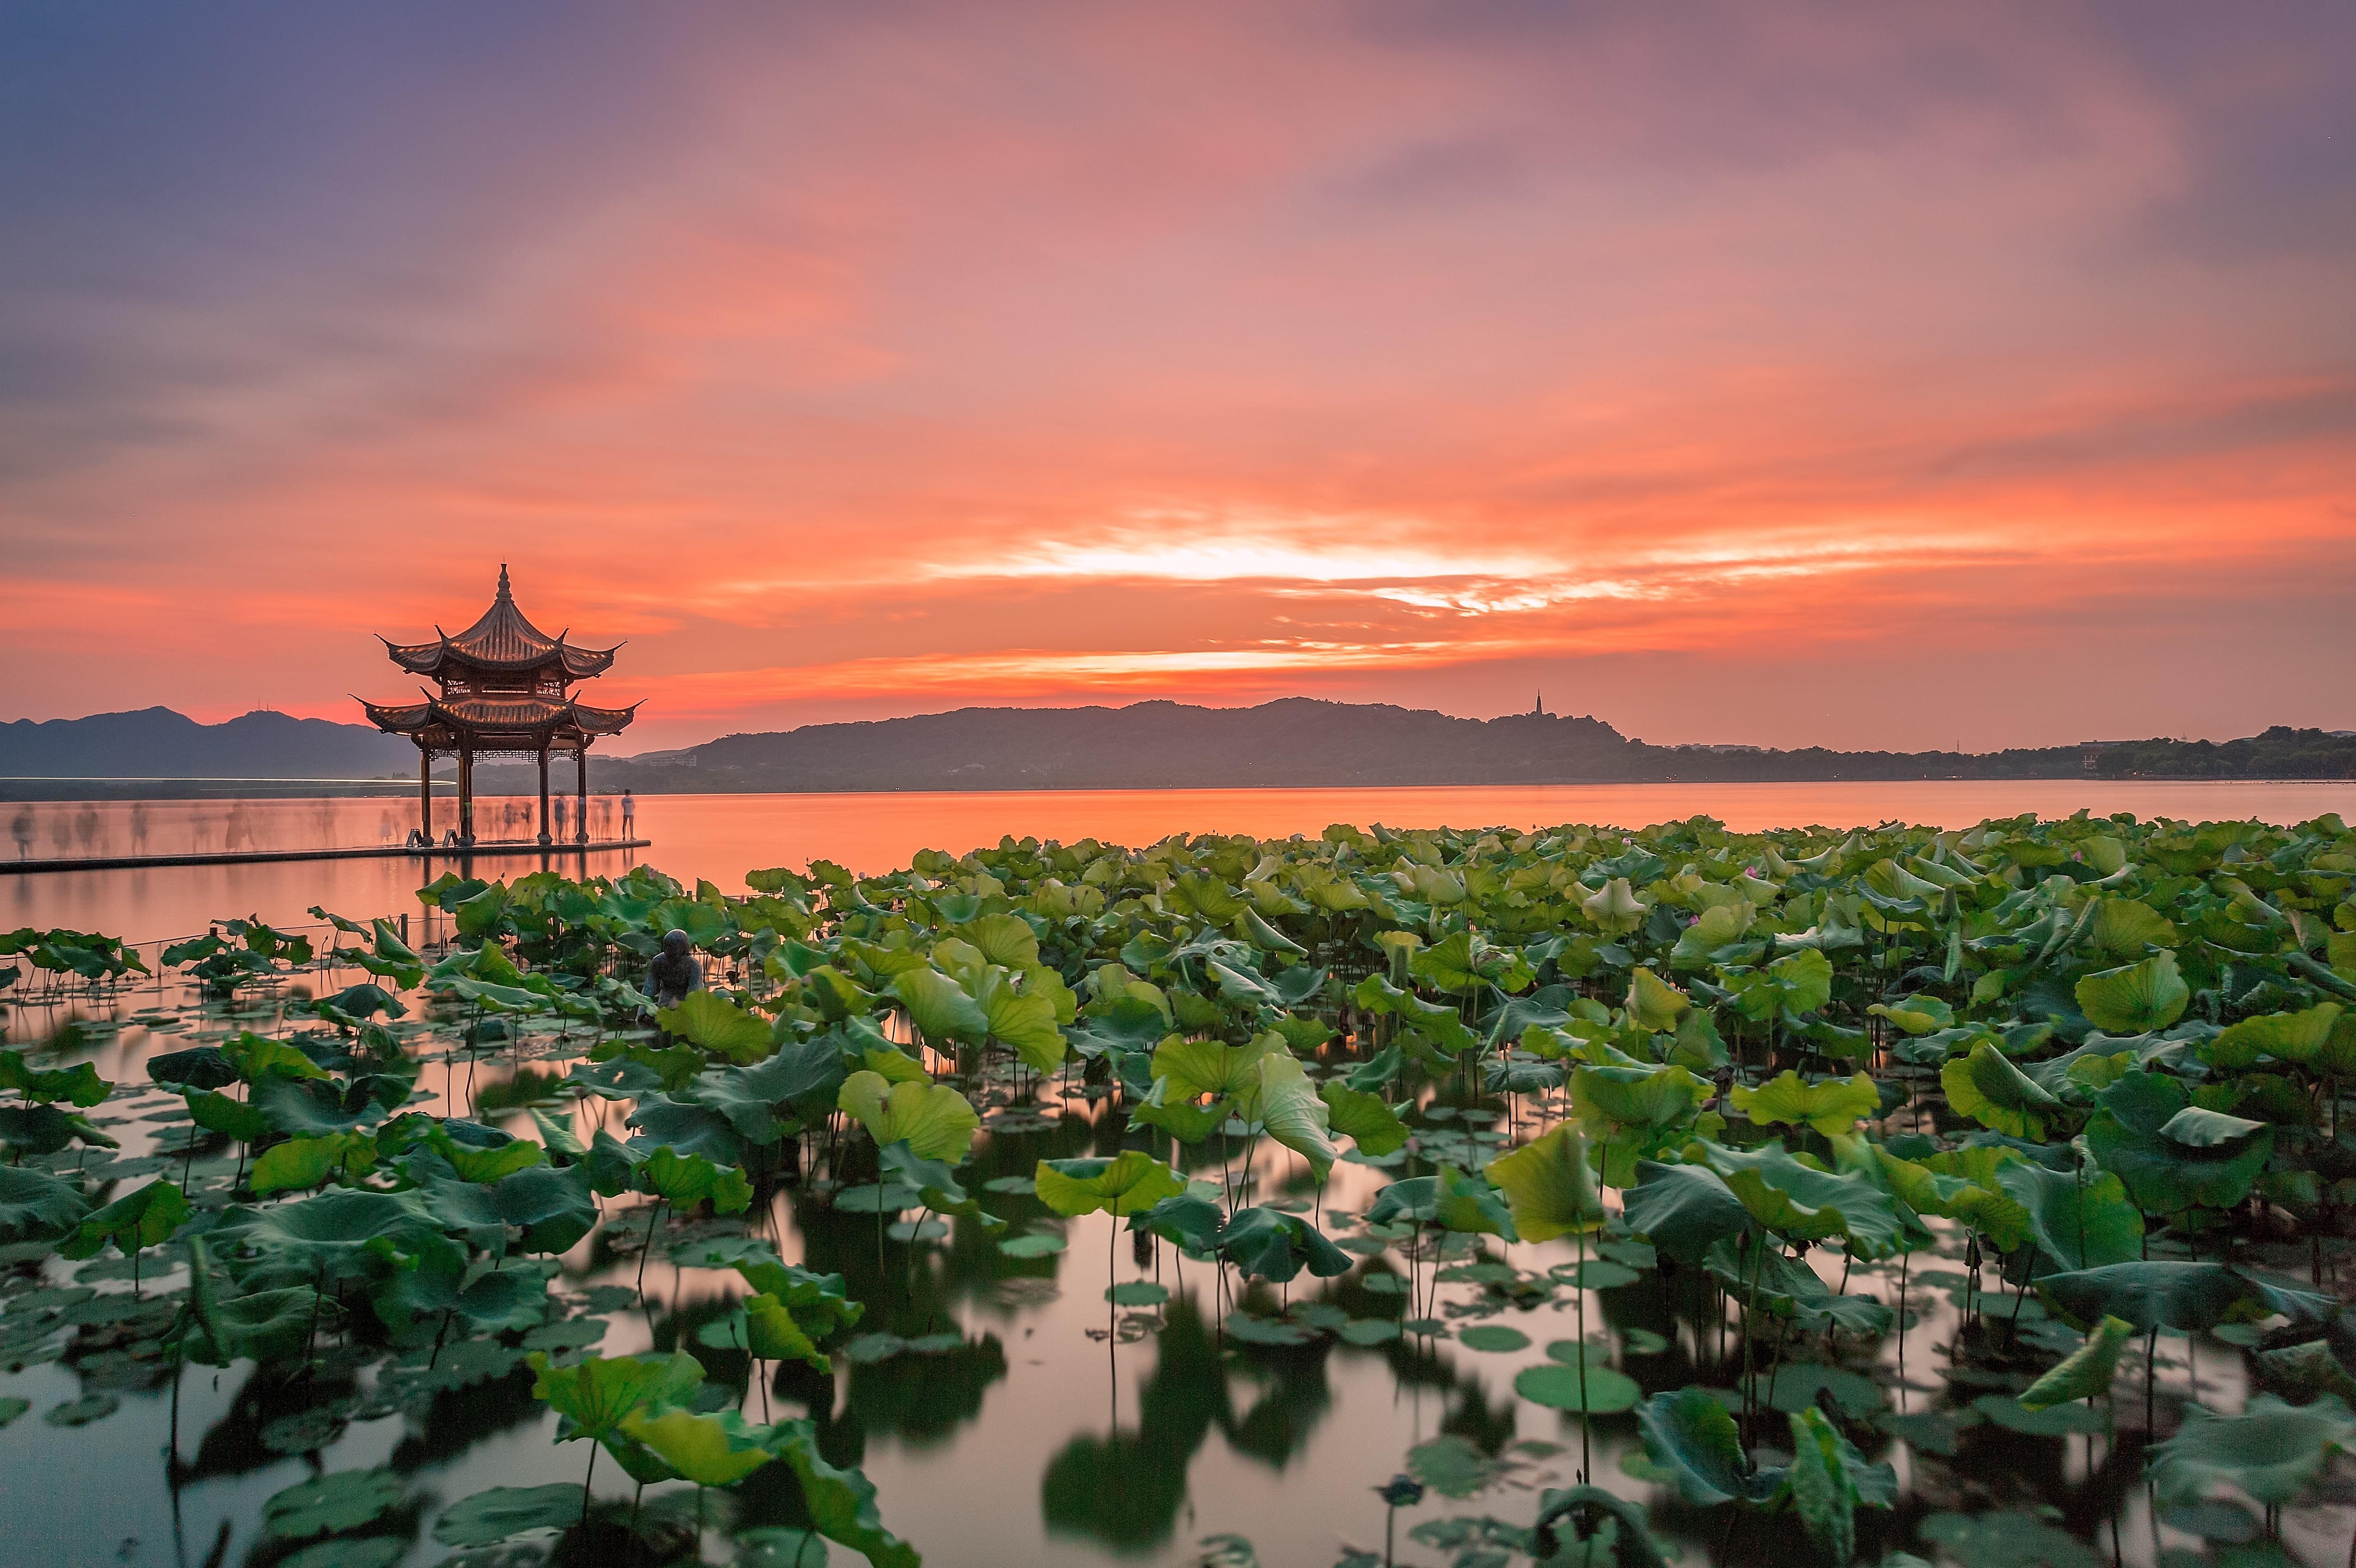 杭州登雷峰塔 千岛湖好运岛2日巴士跟团游西湖游船 灵隐祈福 游秀水千岛